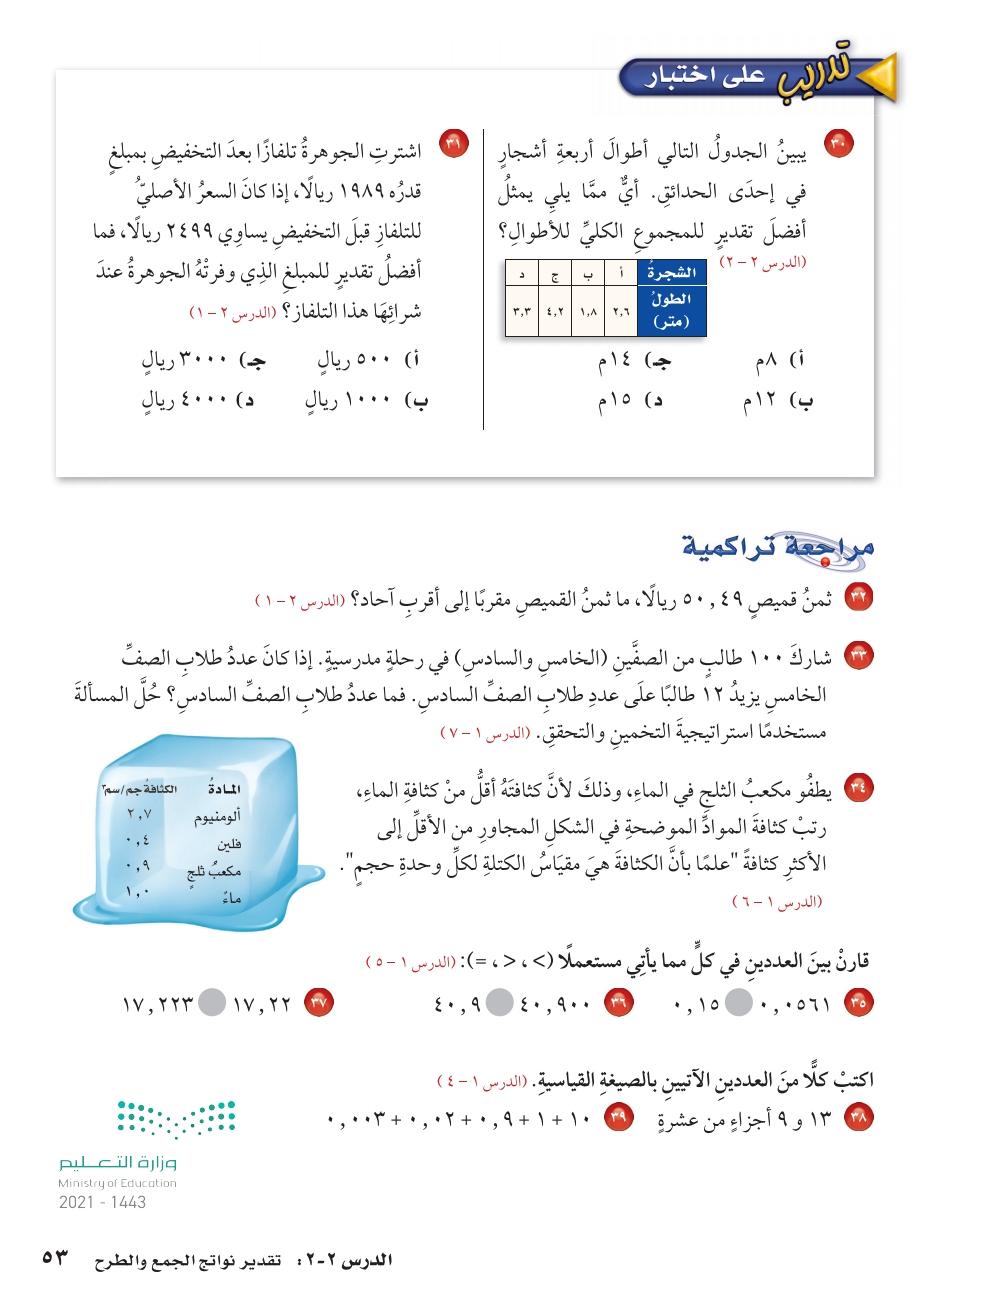 2-2 تقدير نواتج الجمع والطرح